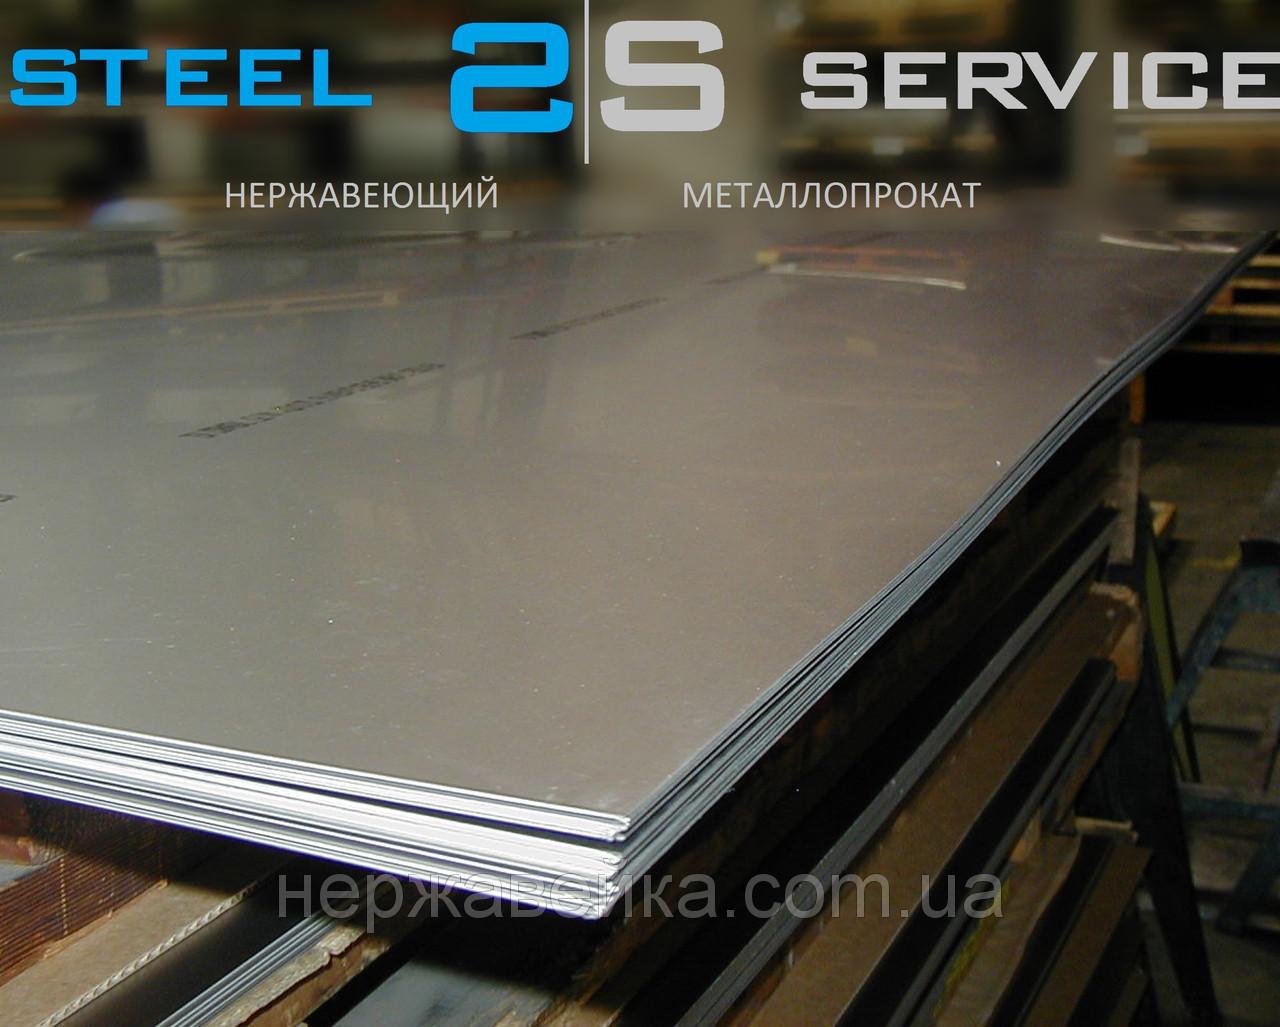 Нержавейка лист  0,8х1250х2500мм AISI 304(08Х18Н10) 2B DECO, декоративный в пленке, кожа